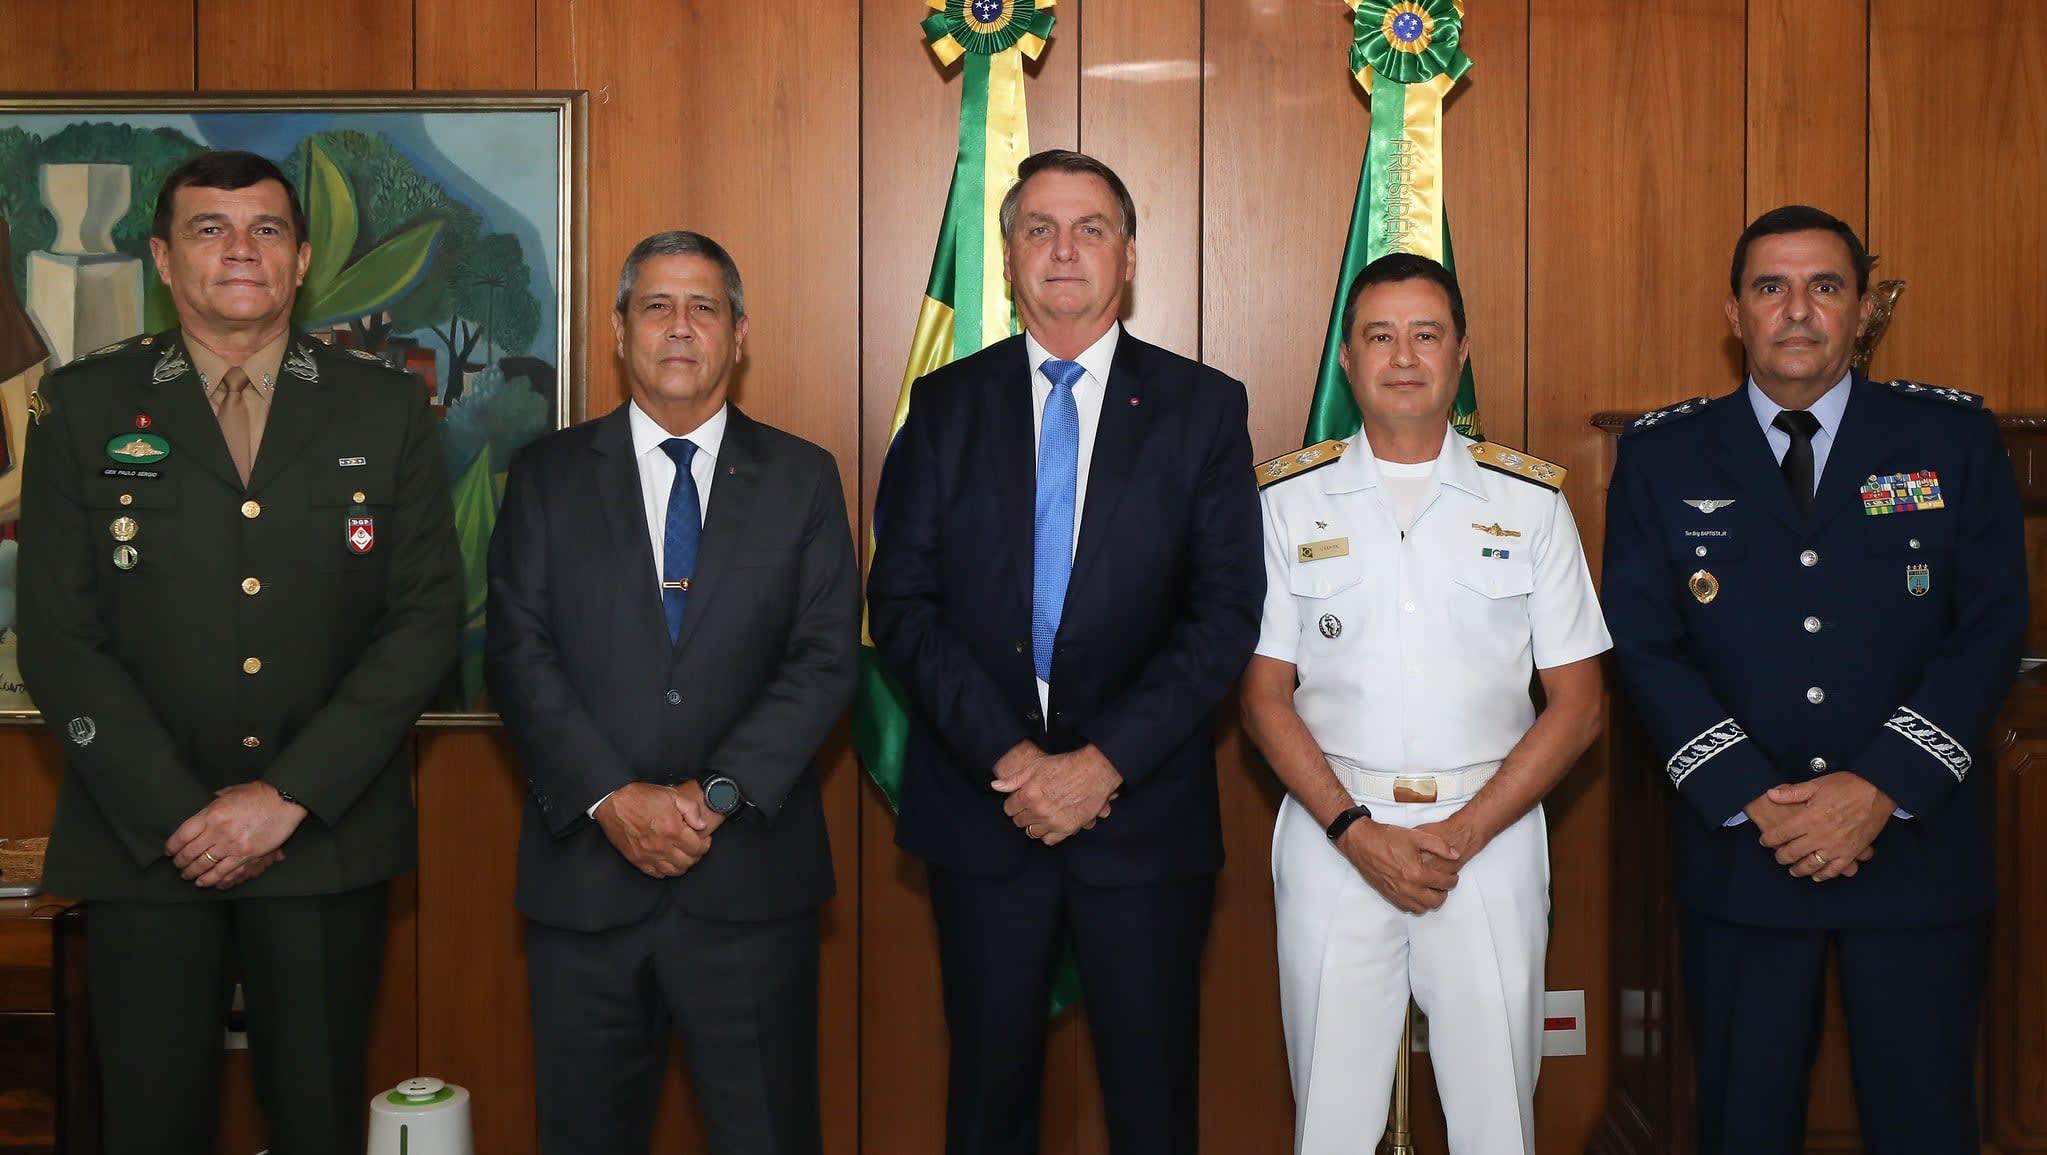 Bolsonaro com os comandantes das Forças Armadas o Almirante de Esquadra Almir Garnier Santos, o General de Exército Paulo Sergio Nogueira e o Tenente Brigadeiro do Ar Carlos de Almeida Baptista Junior.